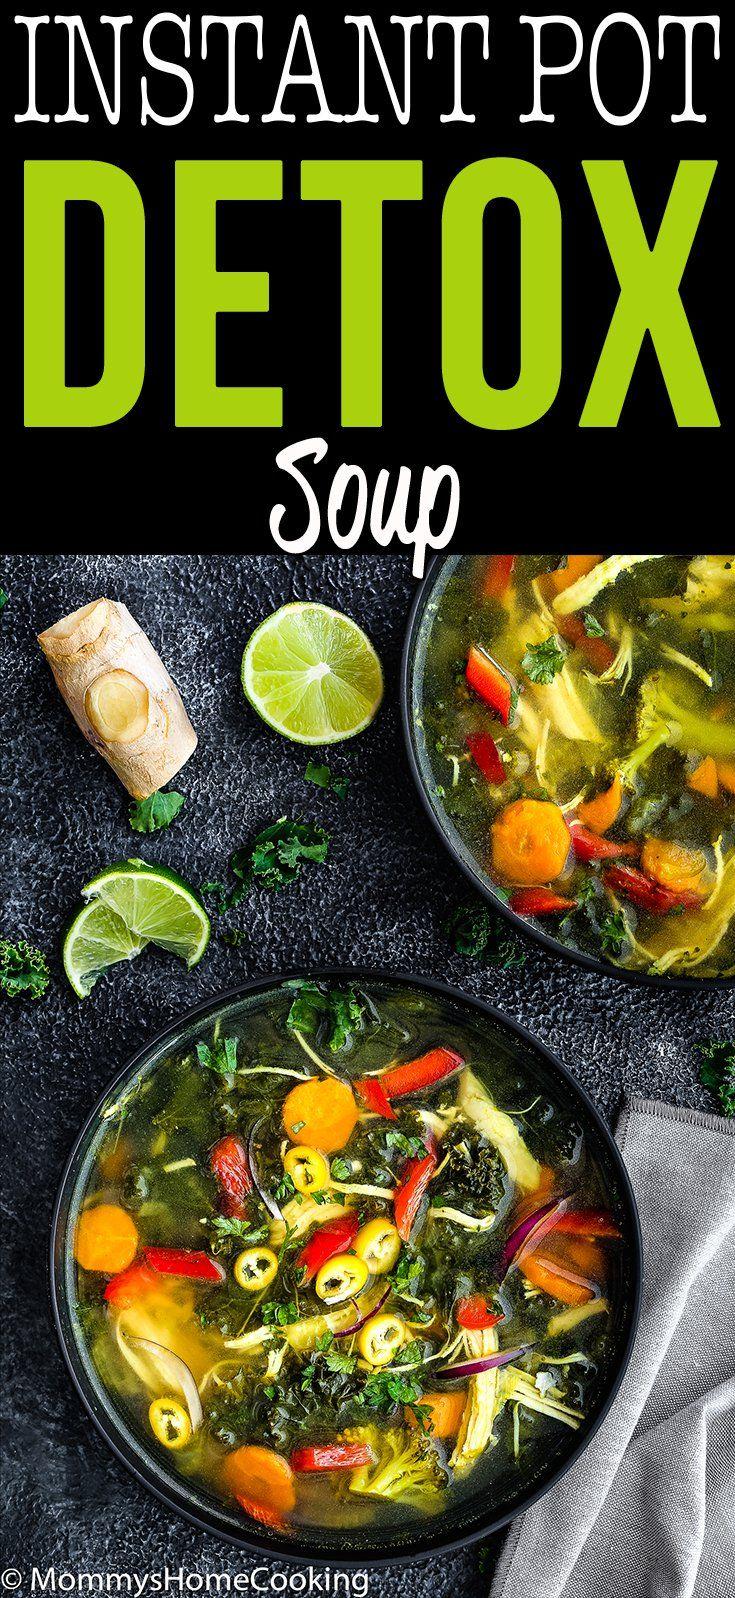 Easy Instant Pot Detox Soup Recipe